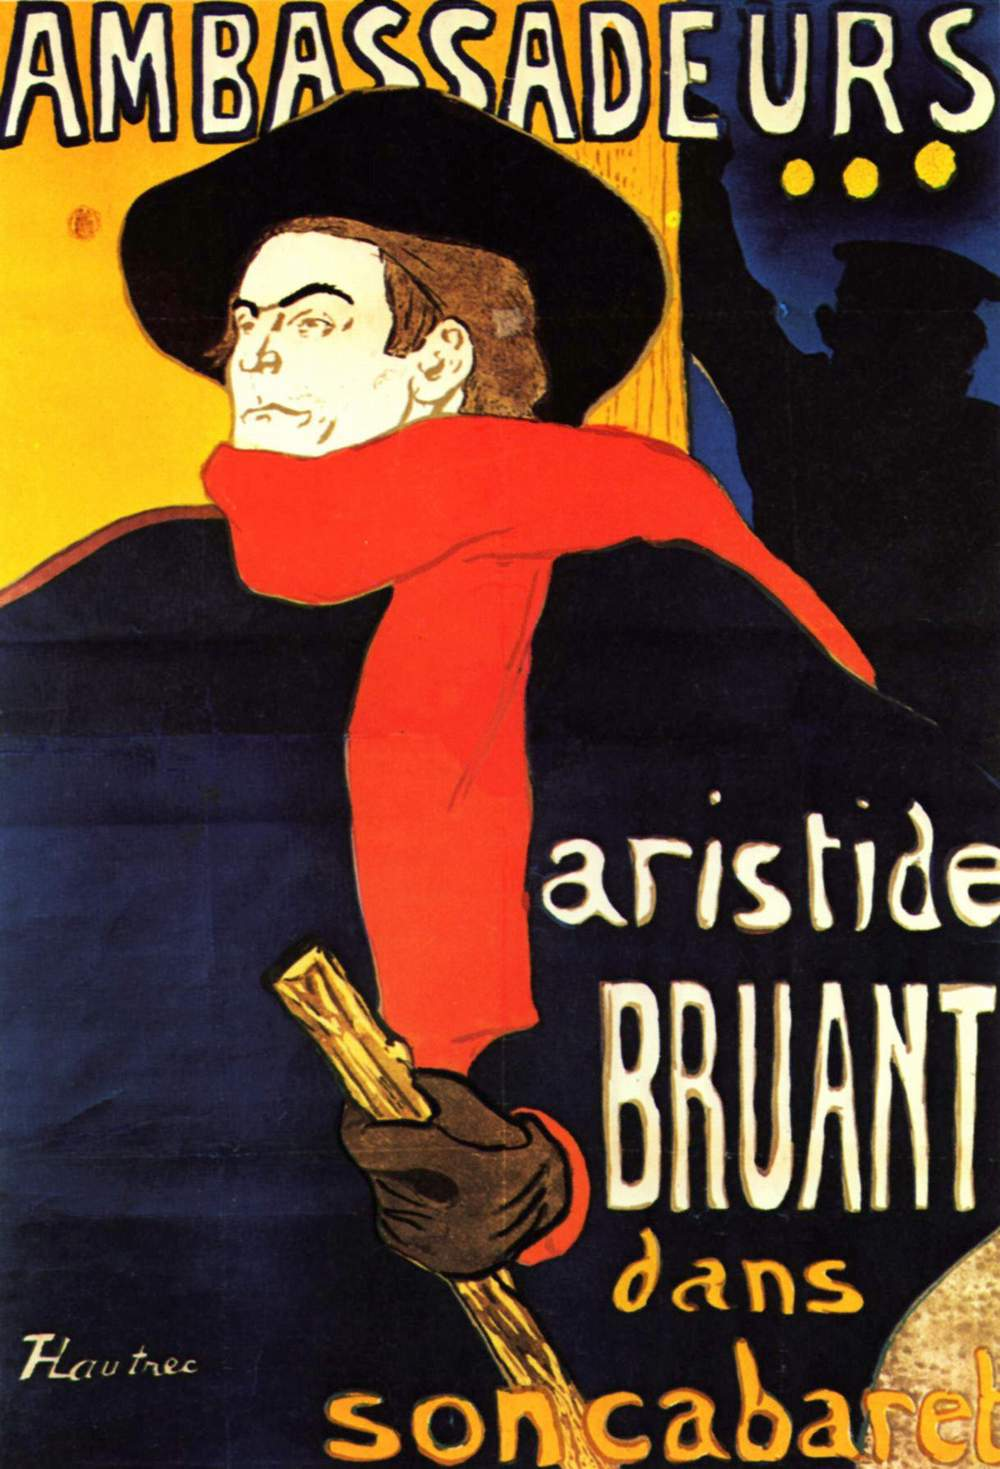 Henri de Toulouse Lautrec - Ambassedeurs